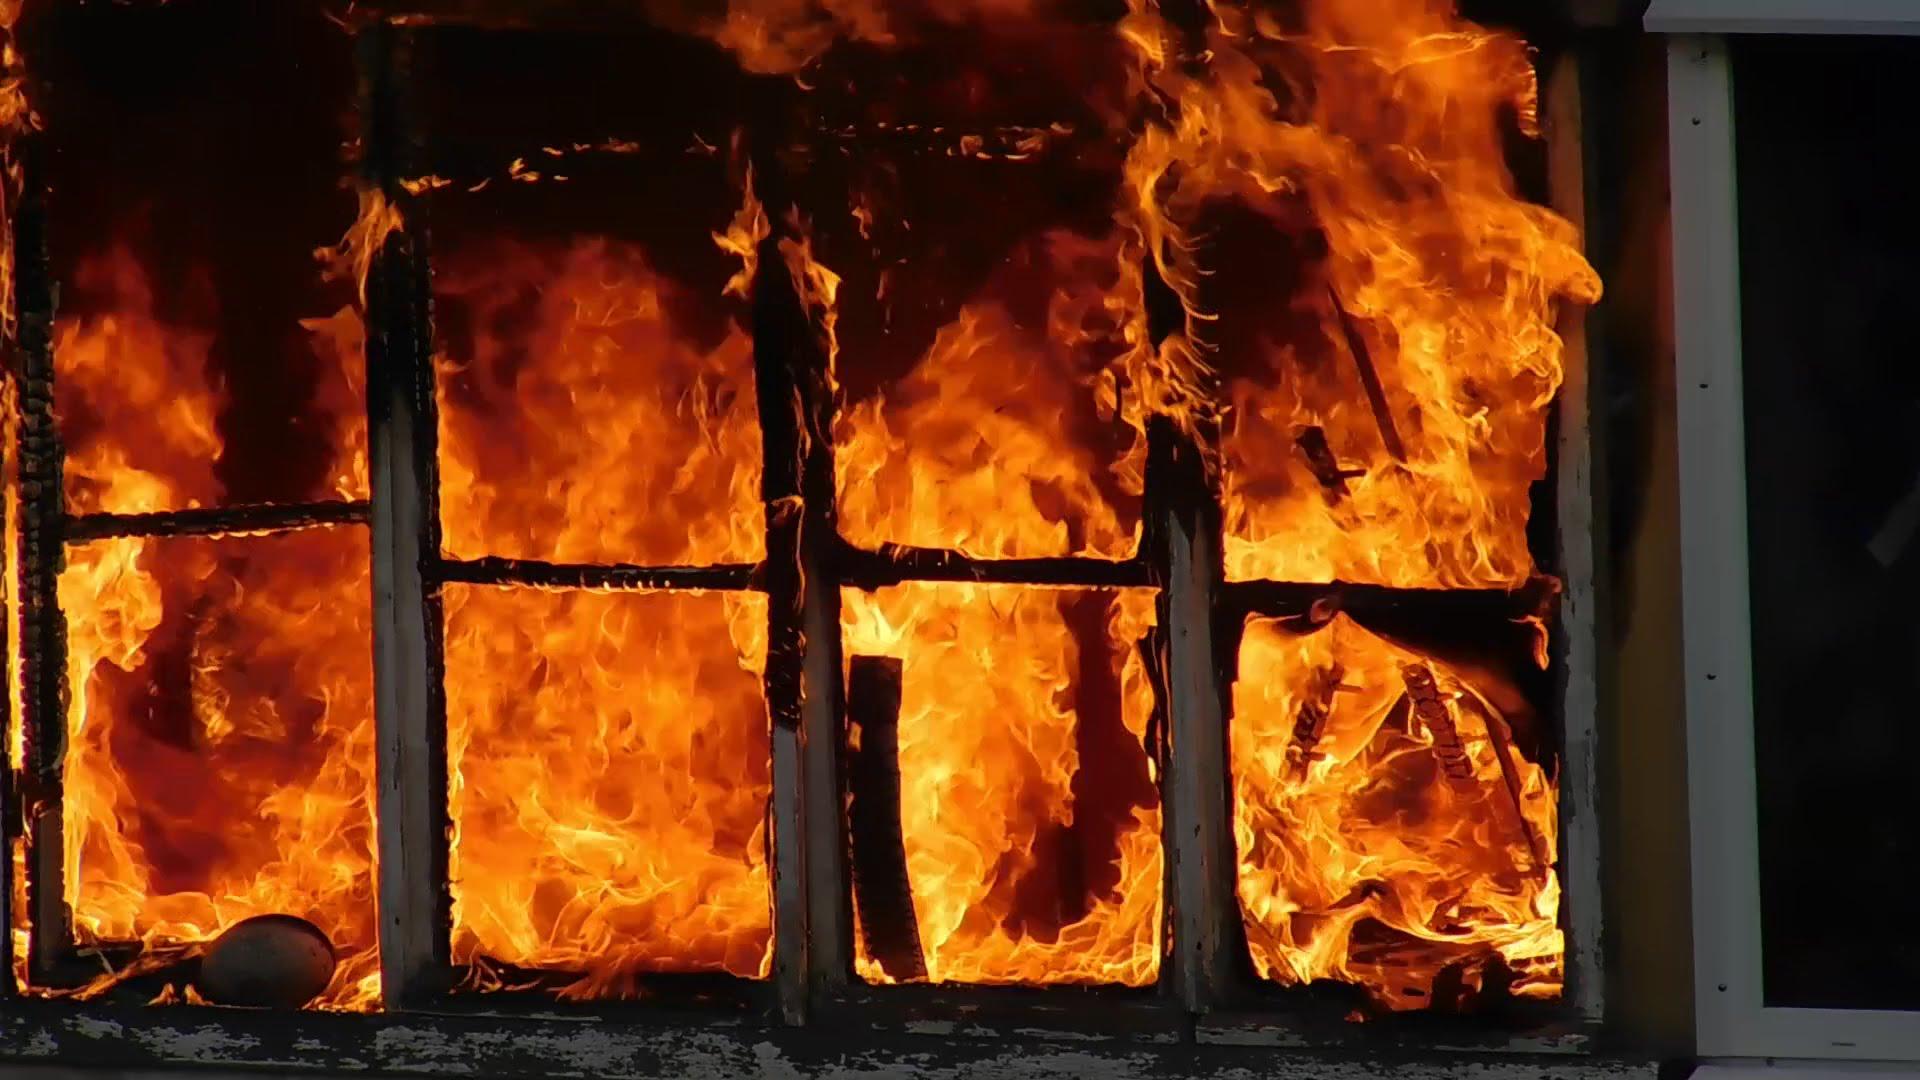 В результате пожара сгорел дом, автомобиль и гараж